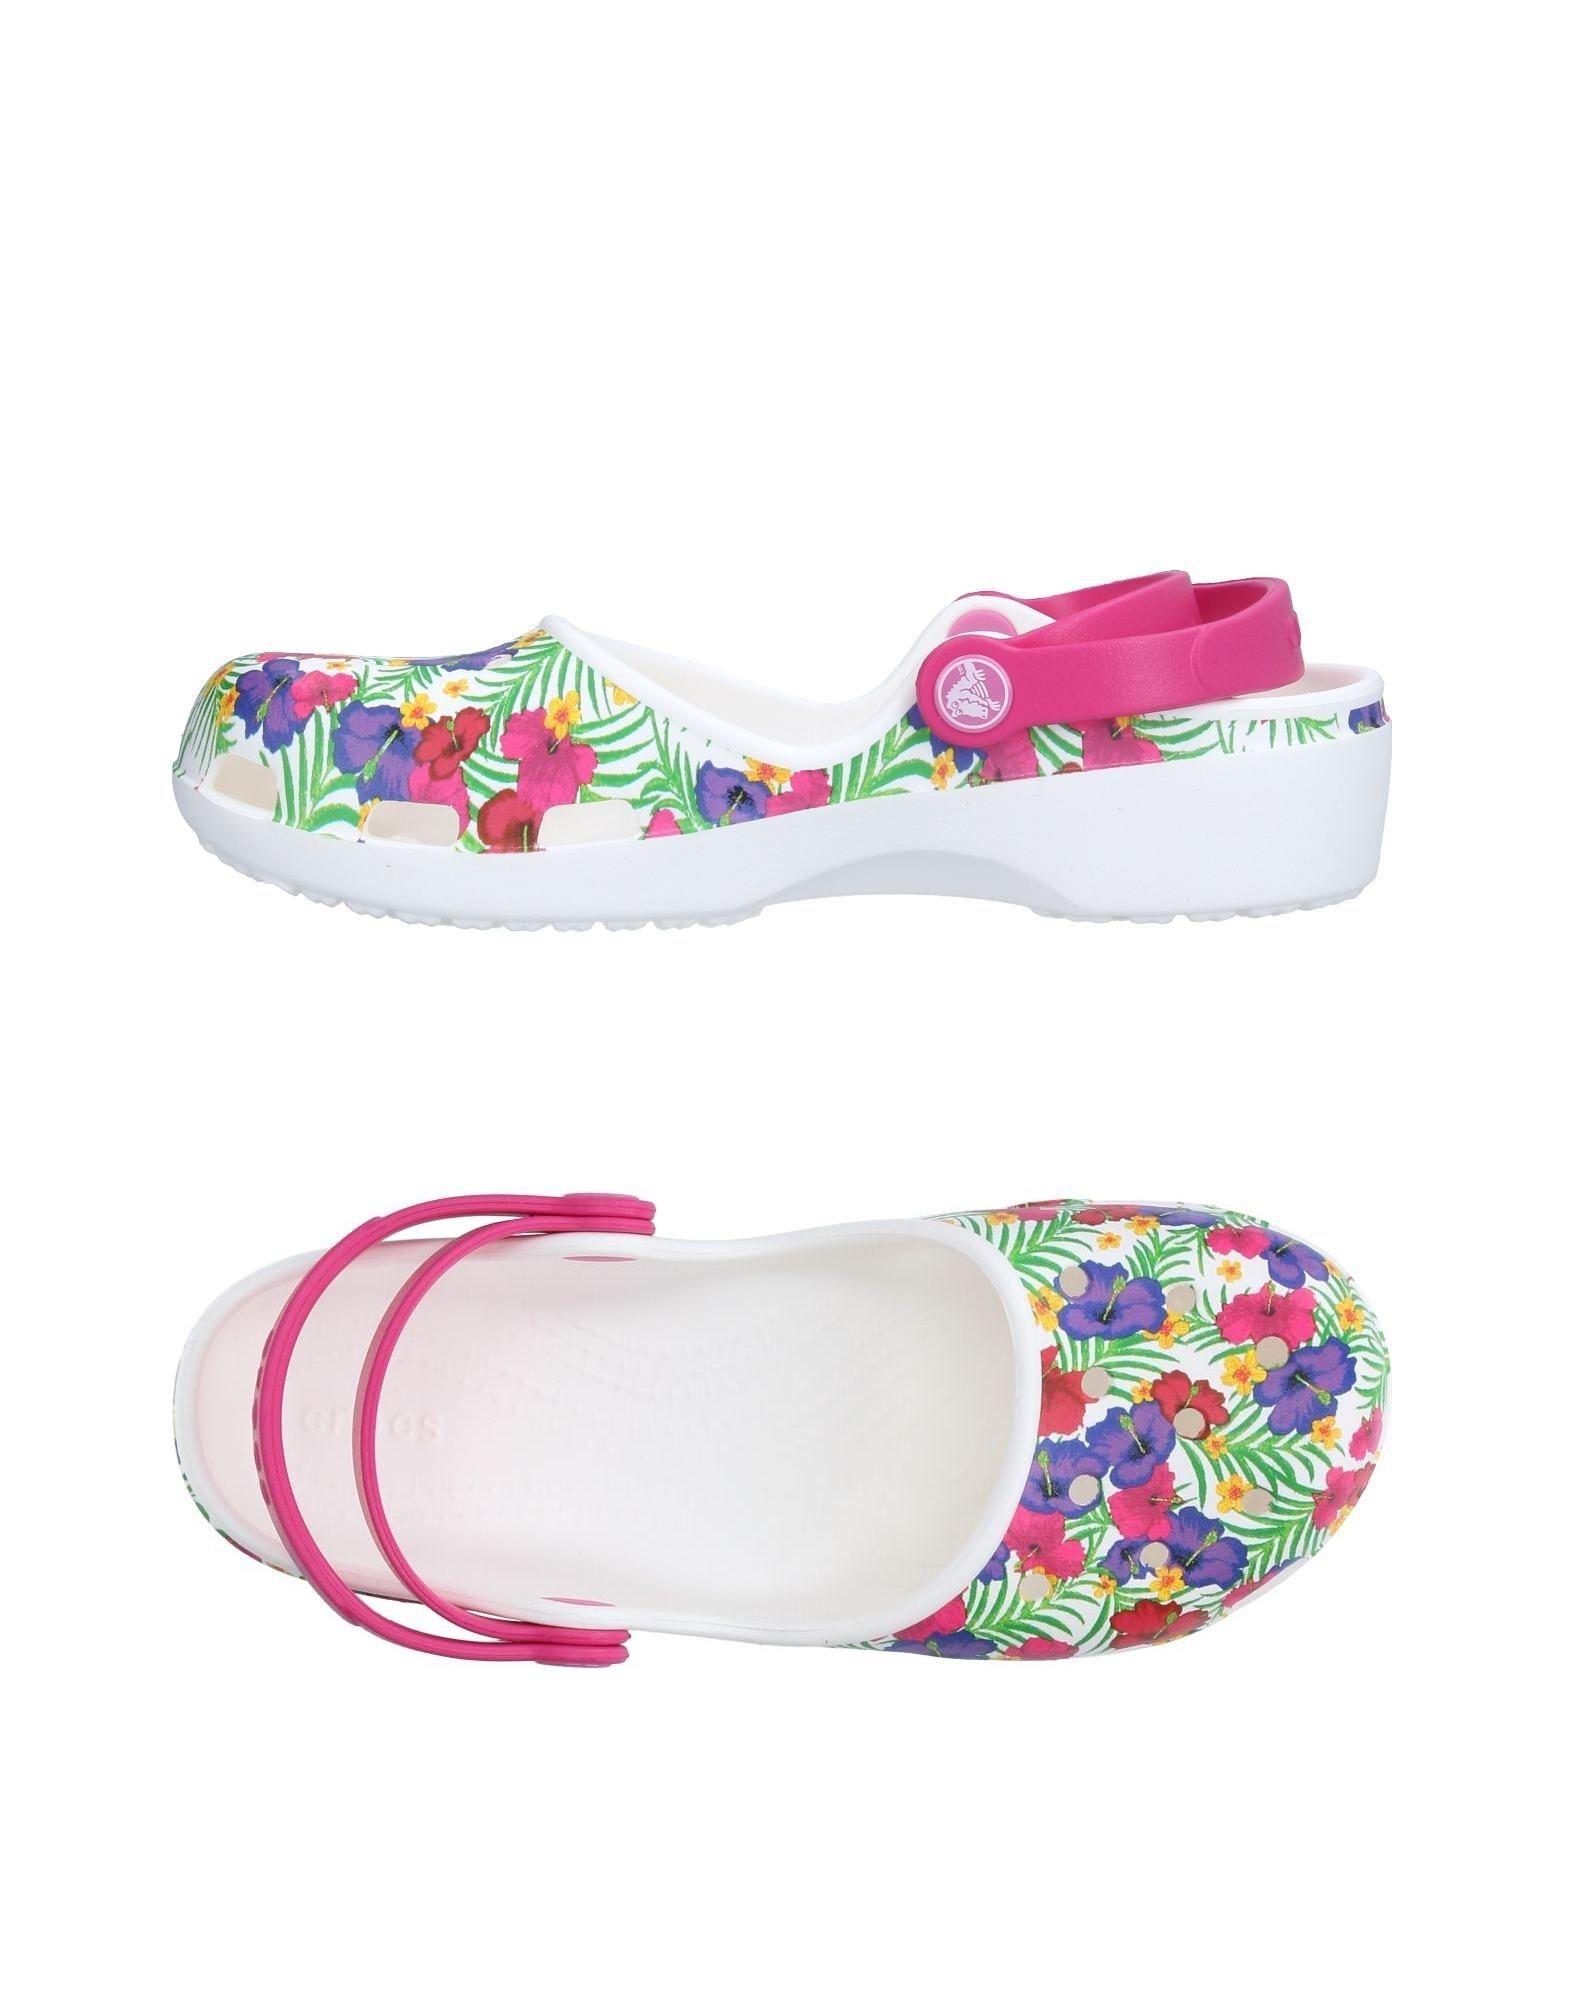 Sandales Crocs Femme - Sandales Crocs sur